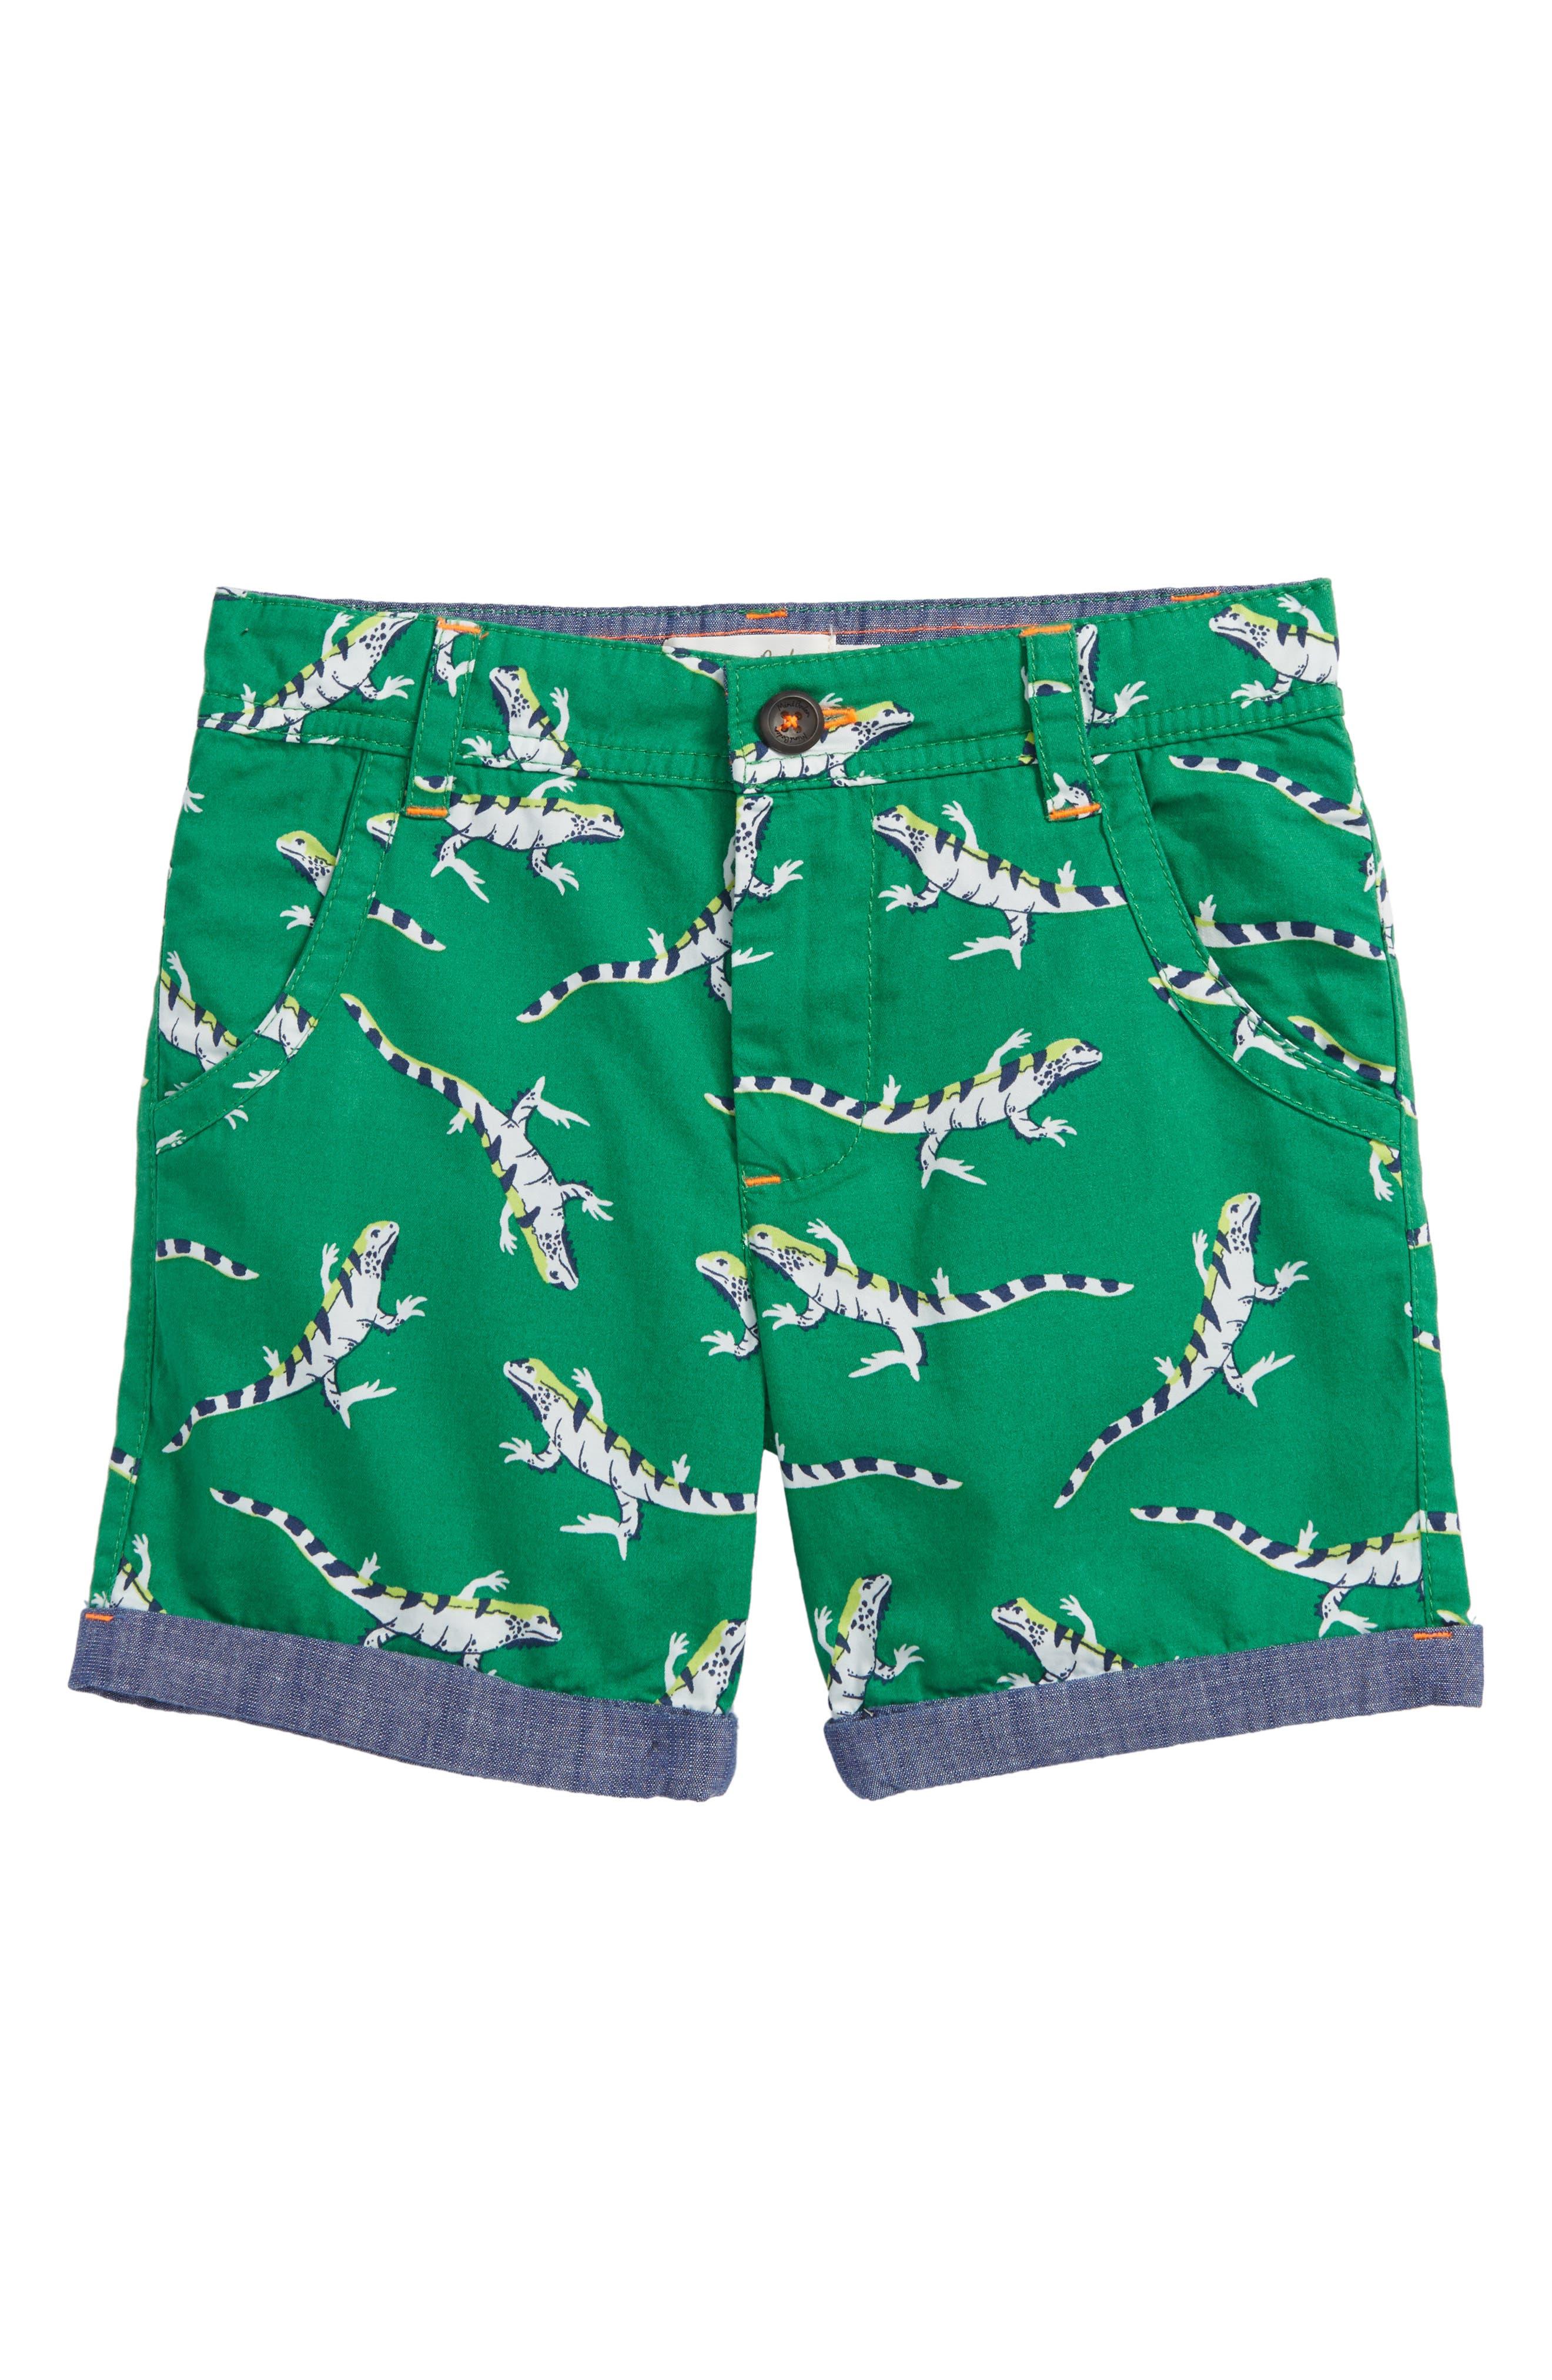 Roll-Up Shorts,                             Main thumbnail 1, color,                             315